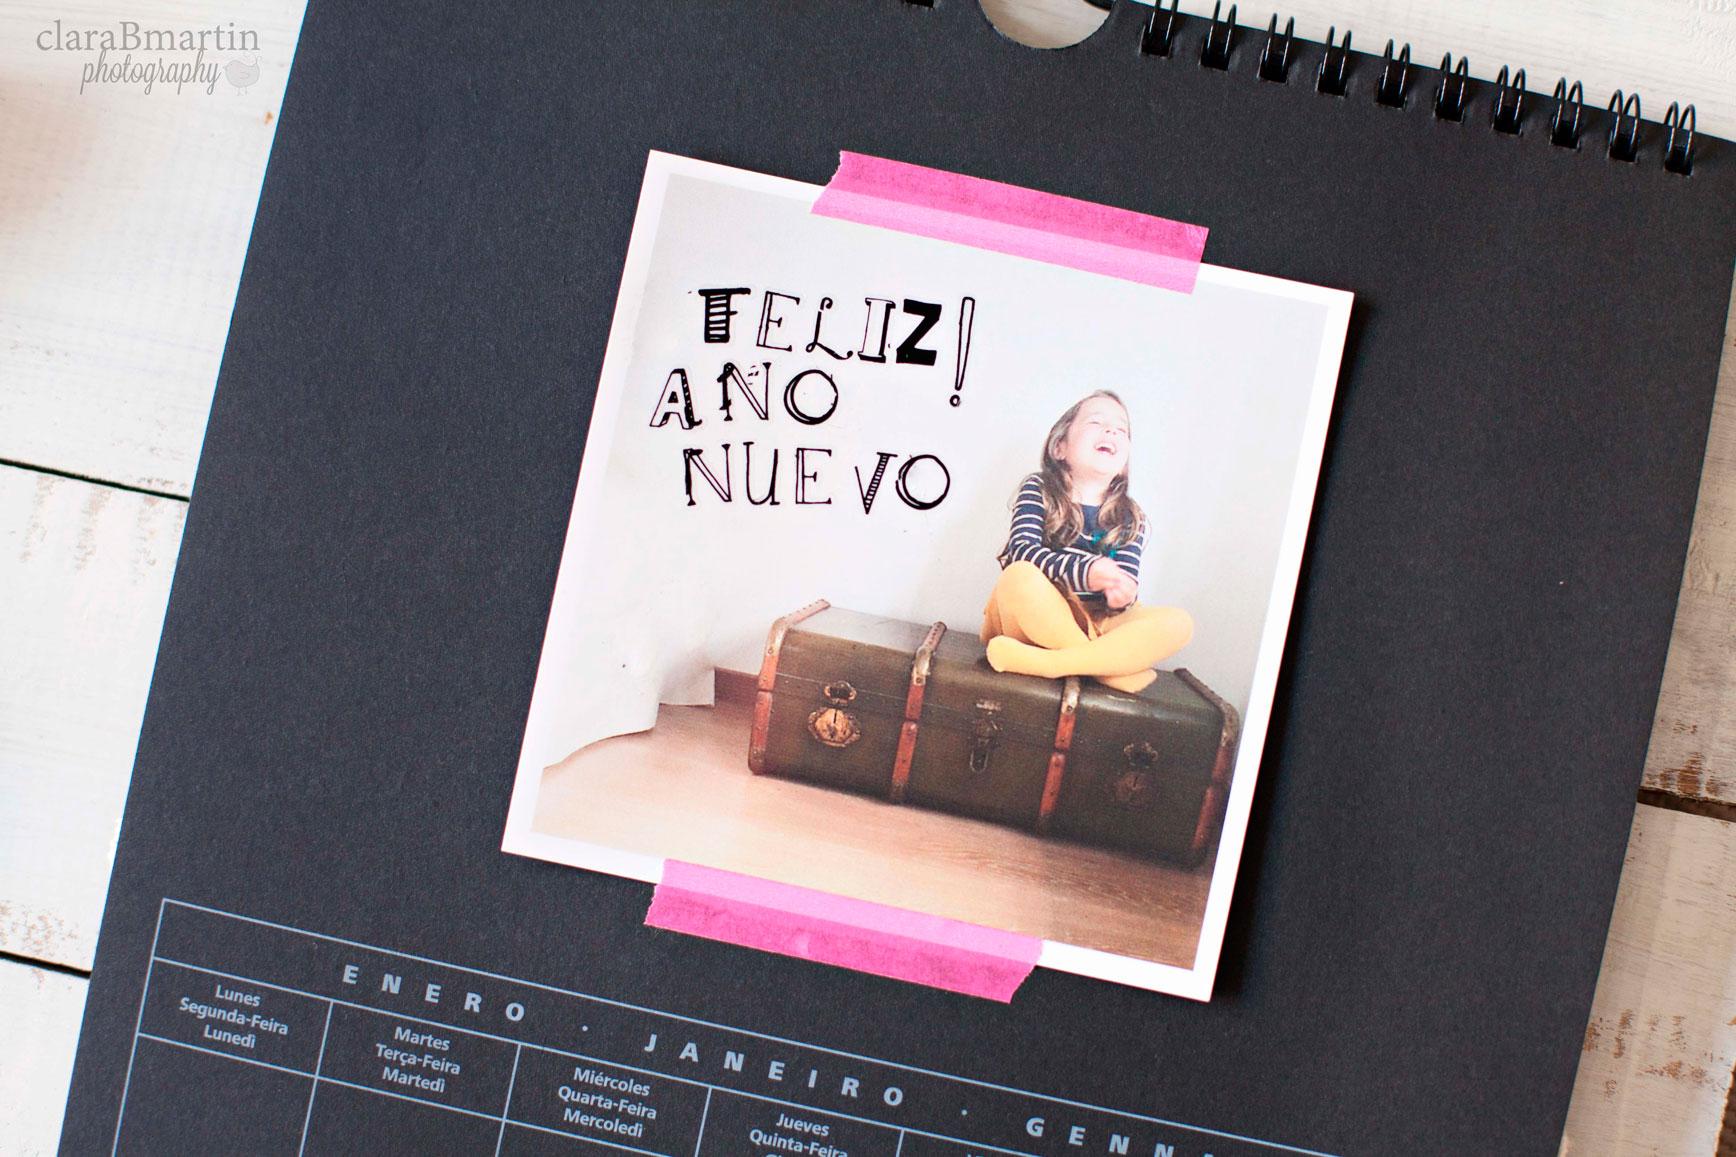 Calendario-DIY_claraBmartin08